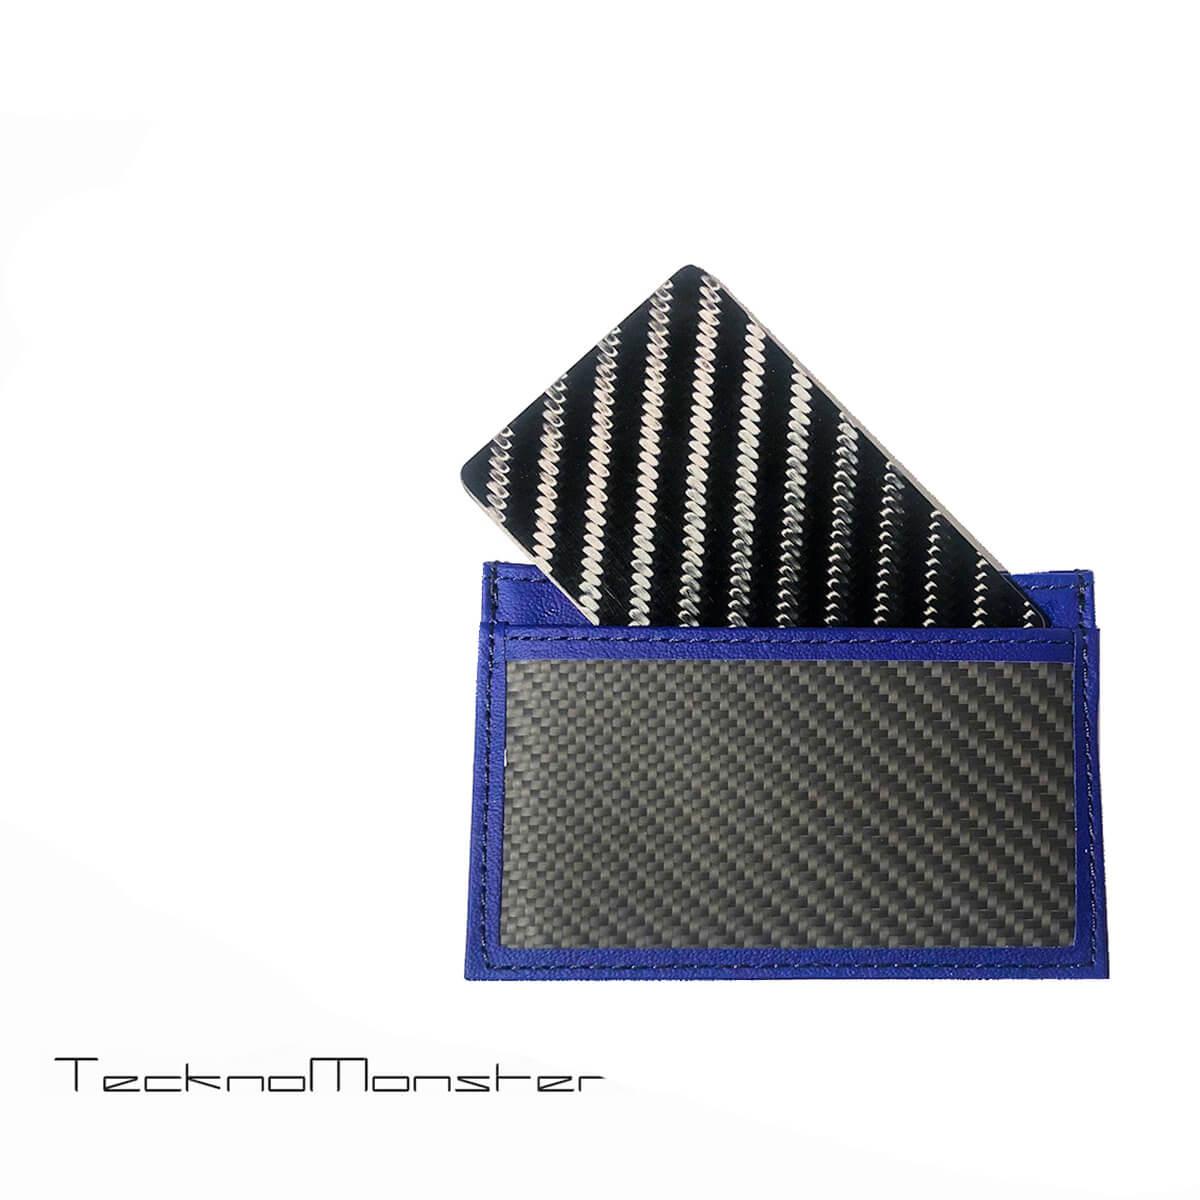 TecknoMonster (テクノモンスター)サブラージュカード カードケース 定期入れ パスケース クレジットカードケース ブランド メンズ レディース ソフトカーボンファイバー カーフレザー チタン ハードカーボンファイバー イタリア製 サブラージュ ネイビー